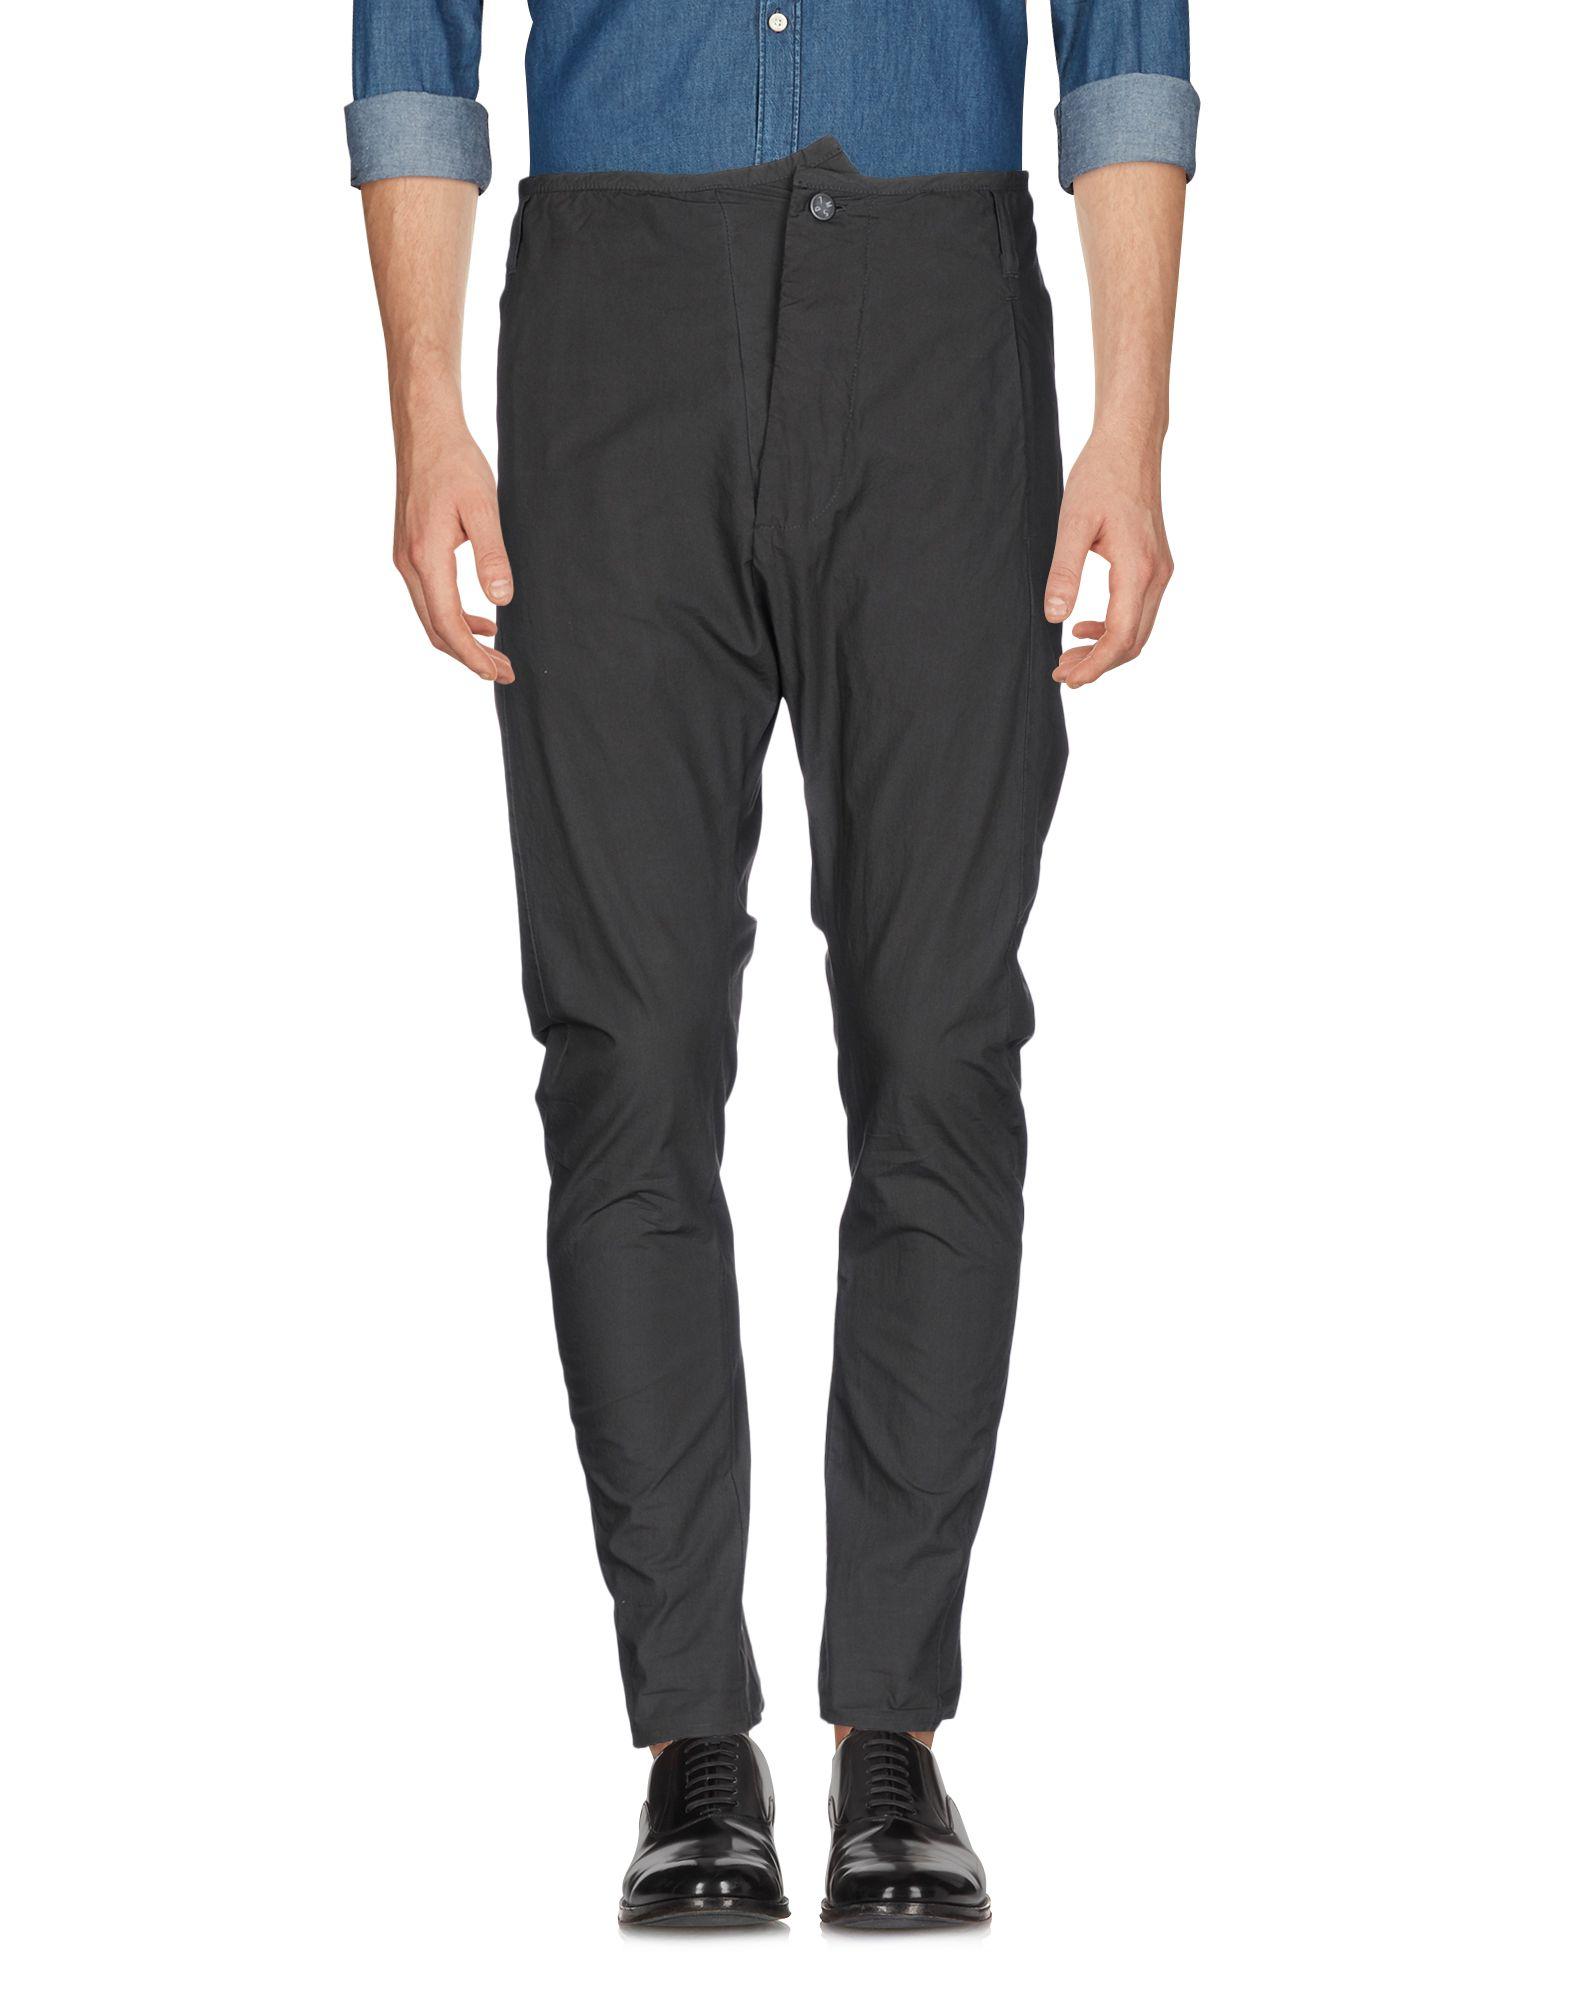 Pantalone Md 75 Uomo - Acquista online su